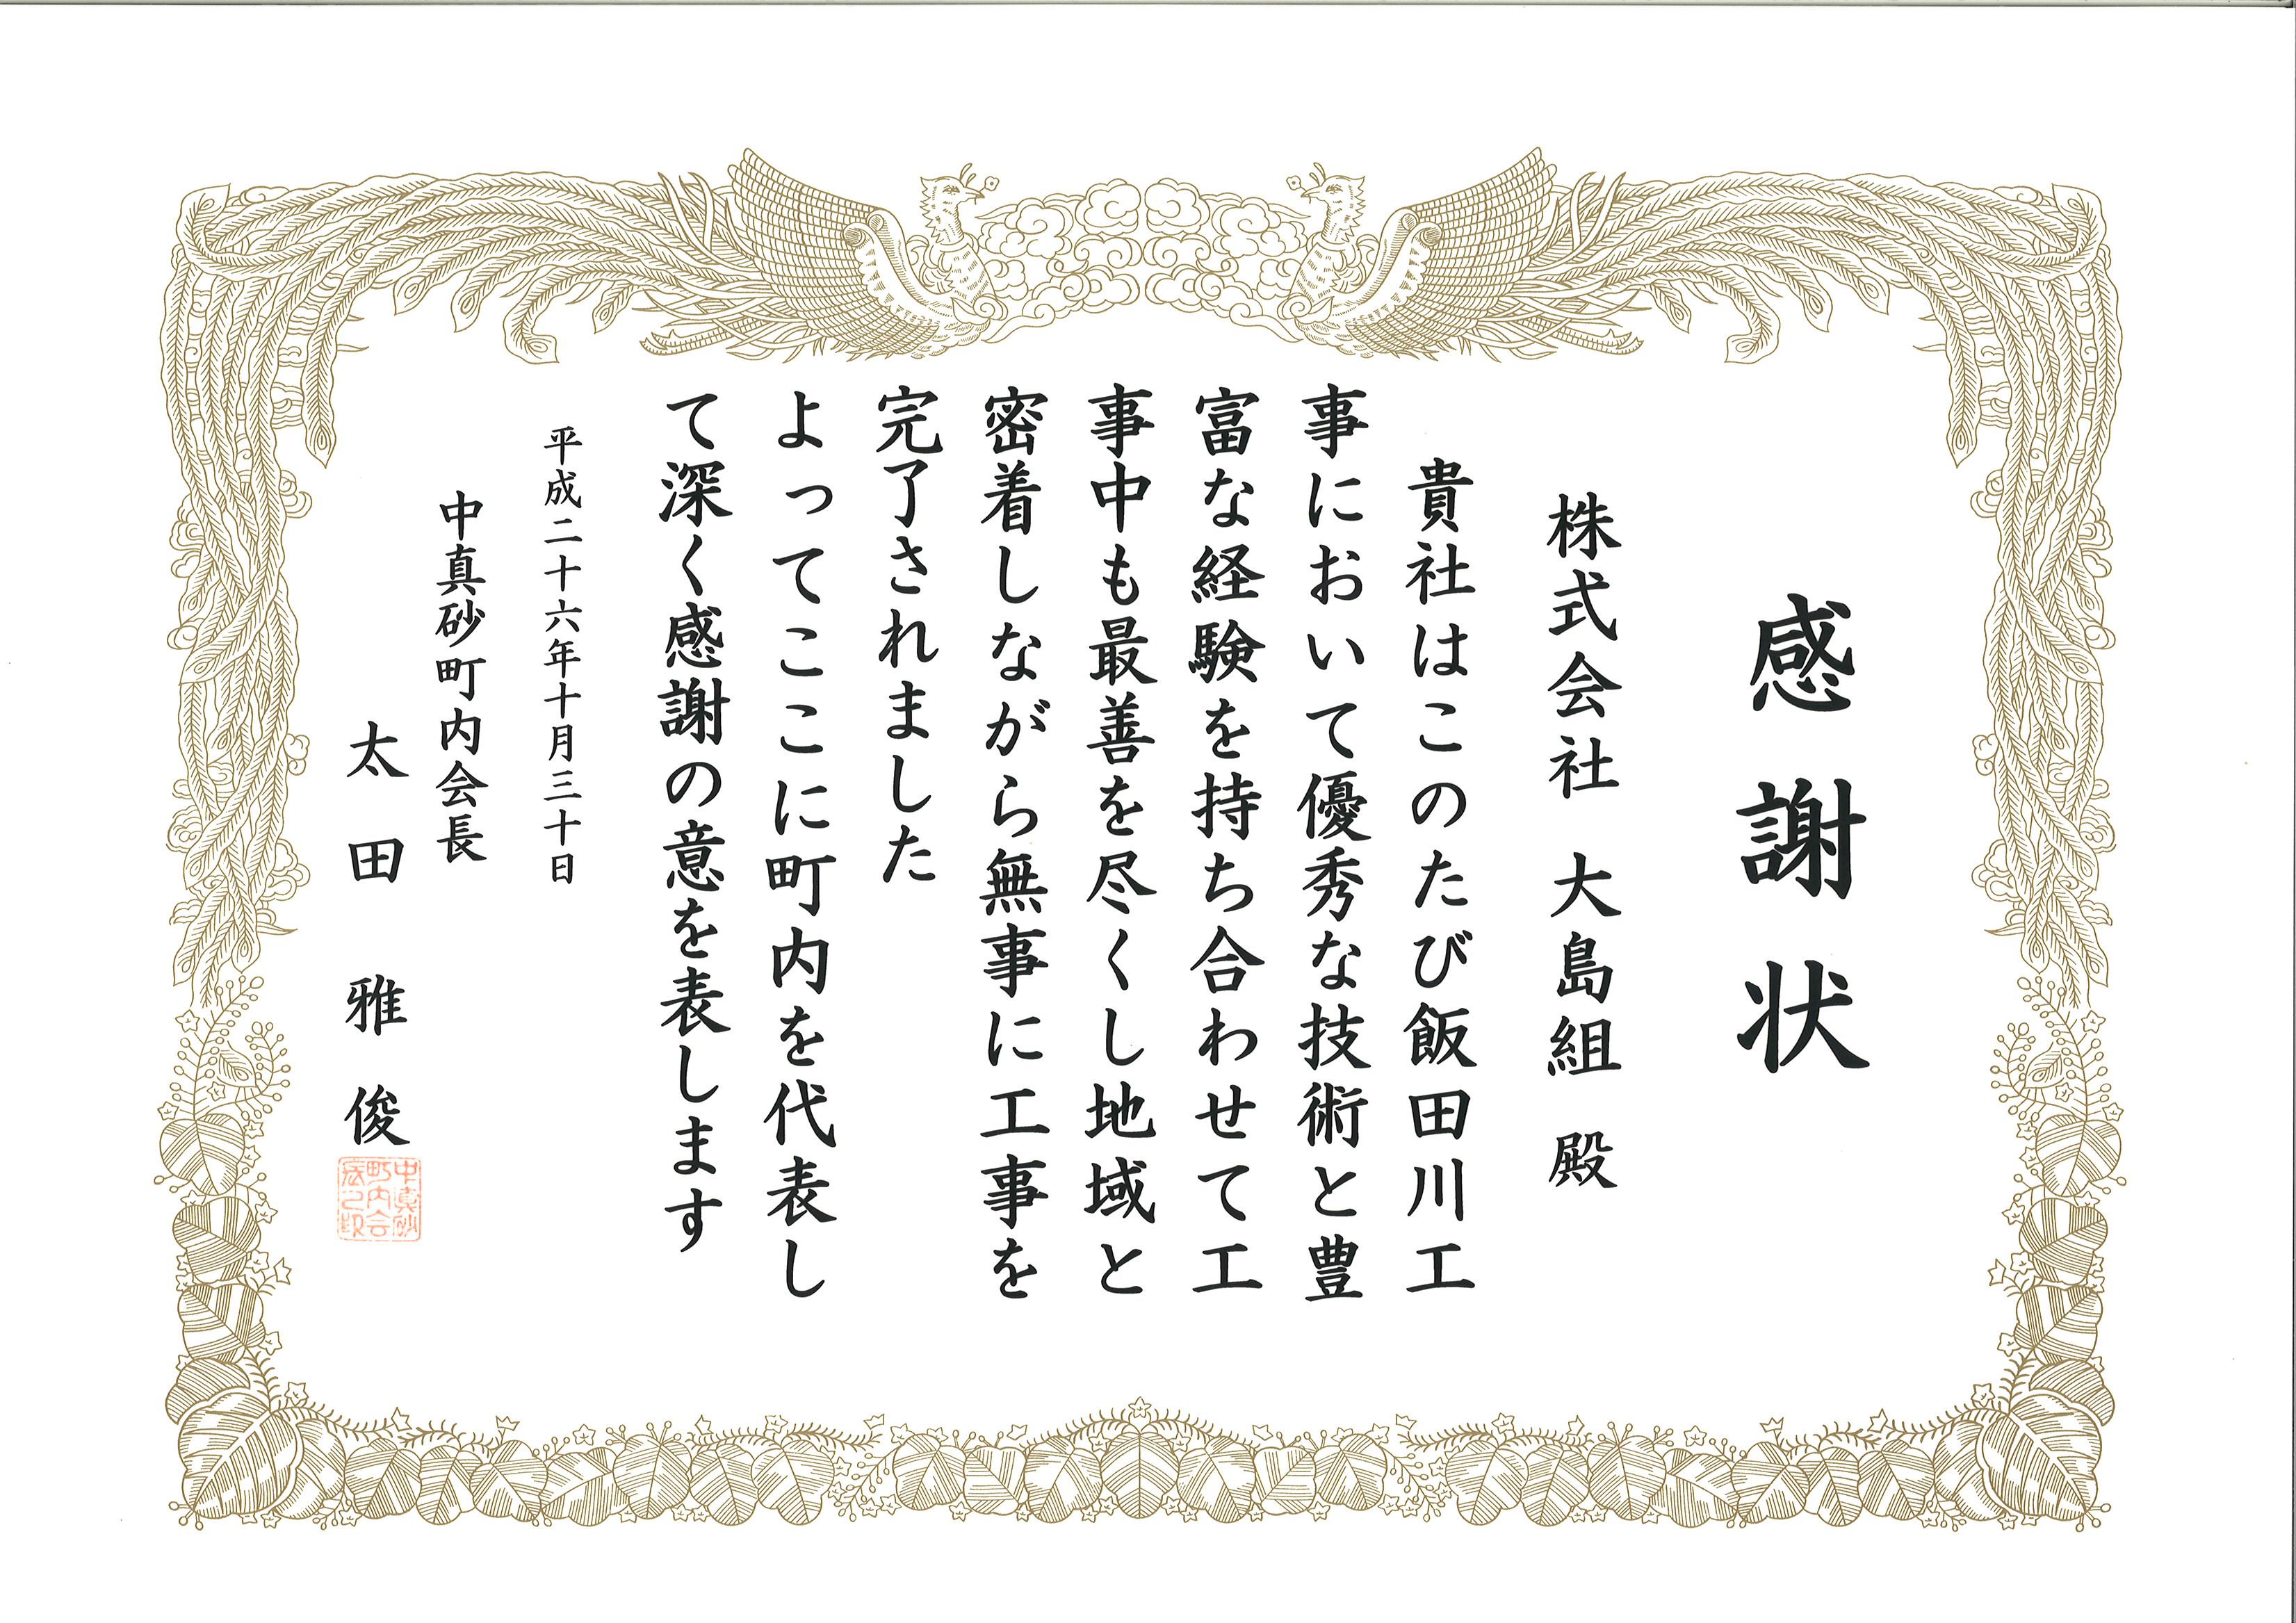 20141101165315_00001.jpg